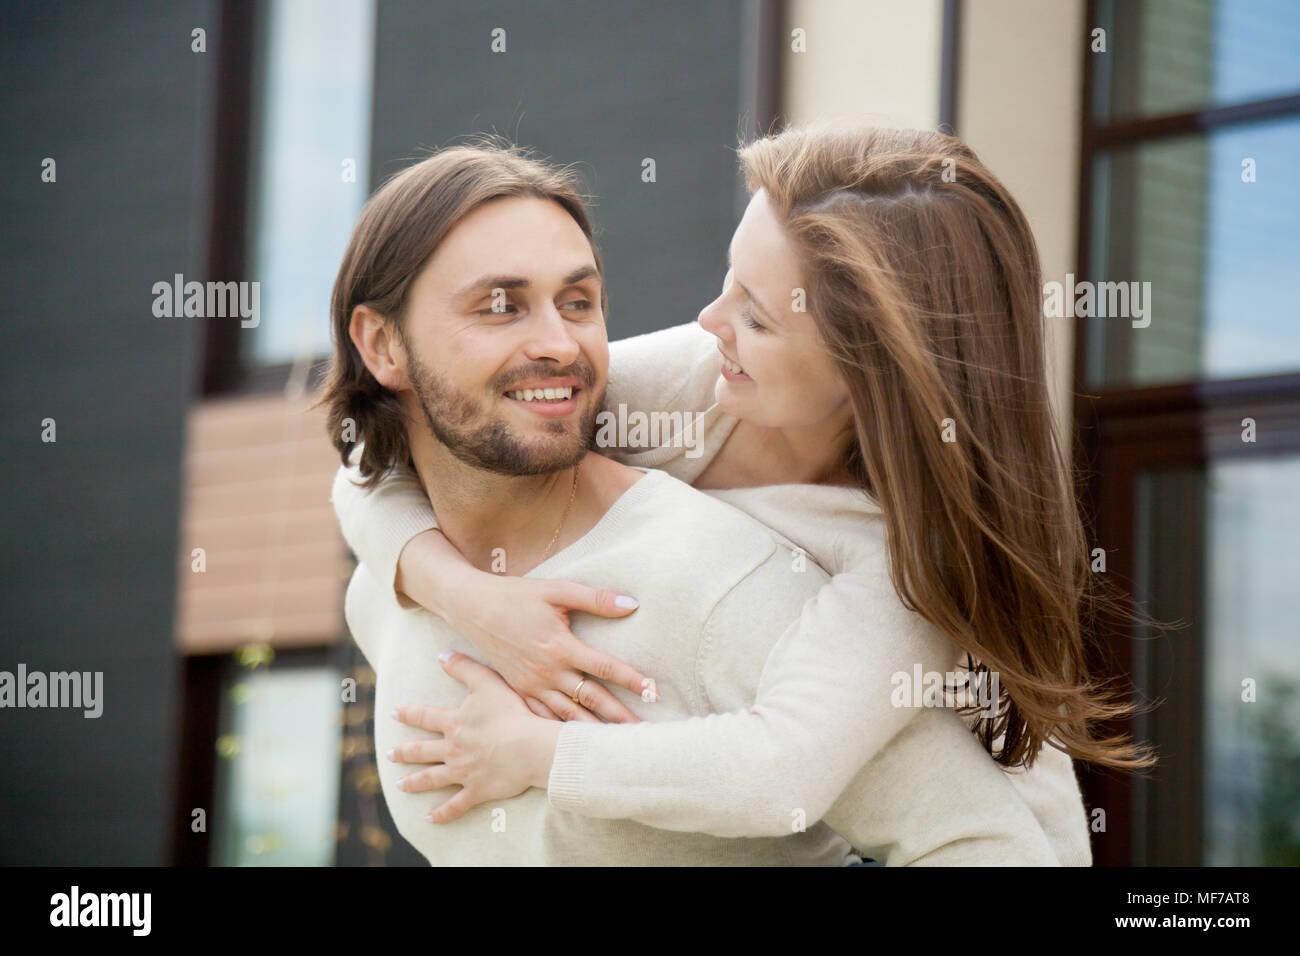 Amare giovane coppia felice abbracciando outdoor, sorridente marito pig Immagini Stock